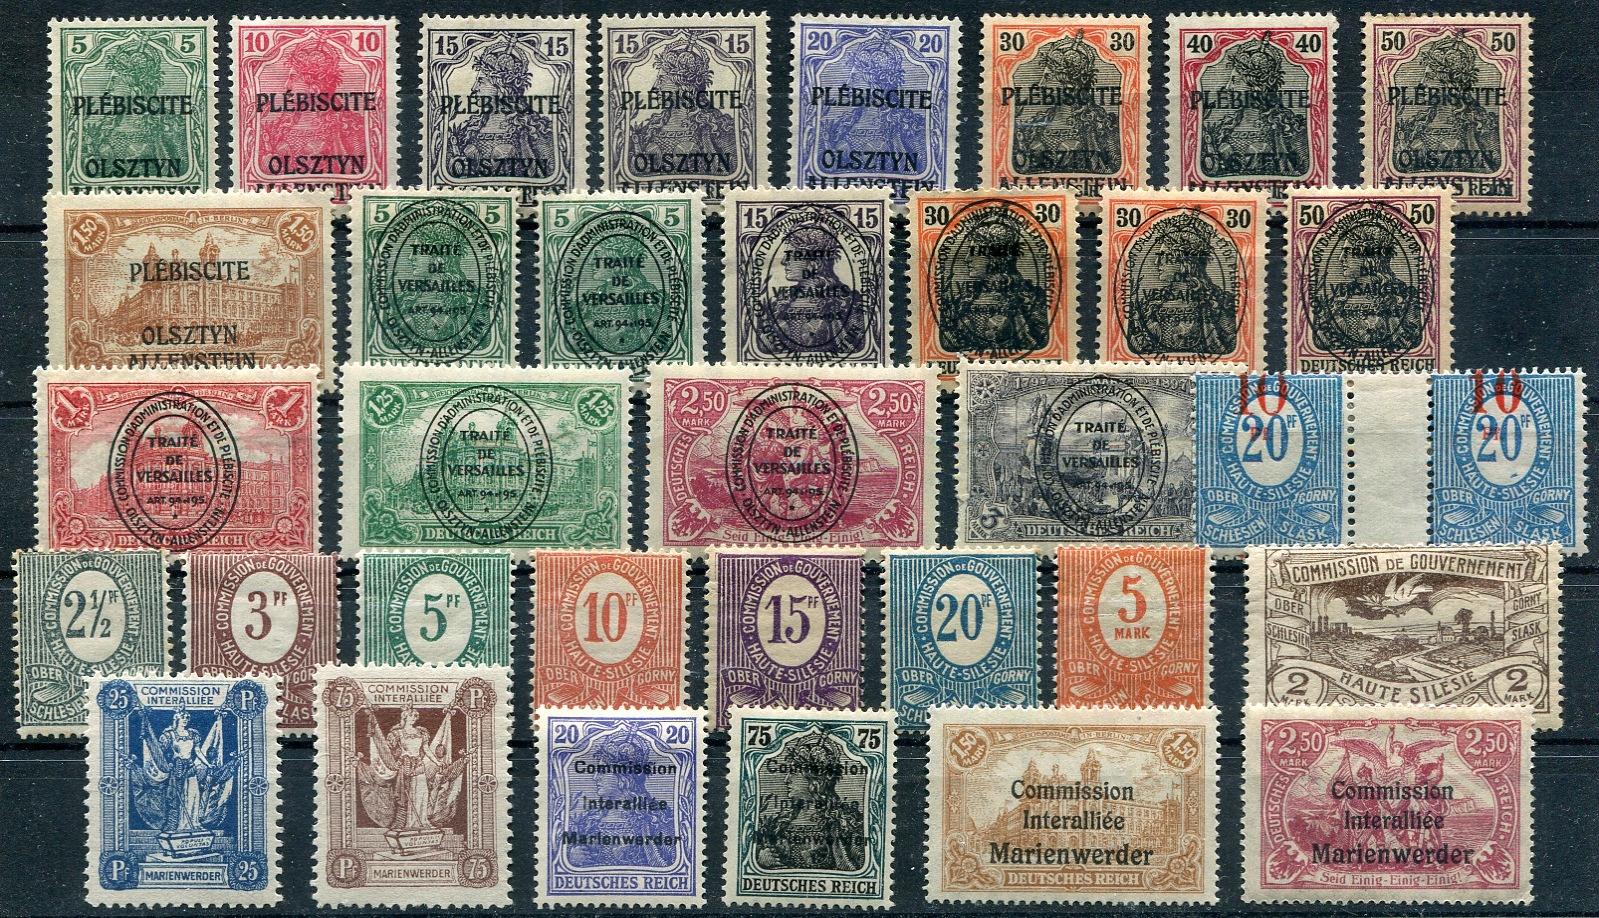 Plebiscyty - zestaw znaczków czystych.